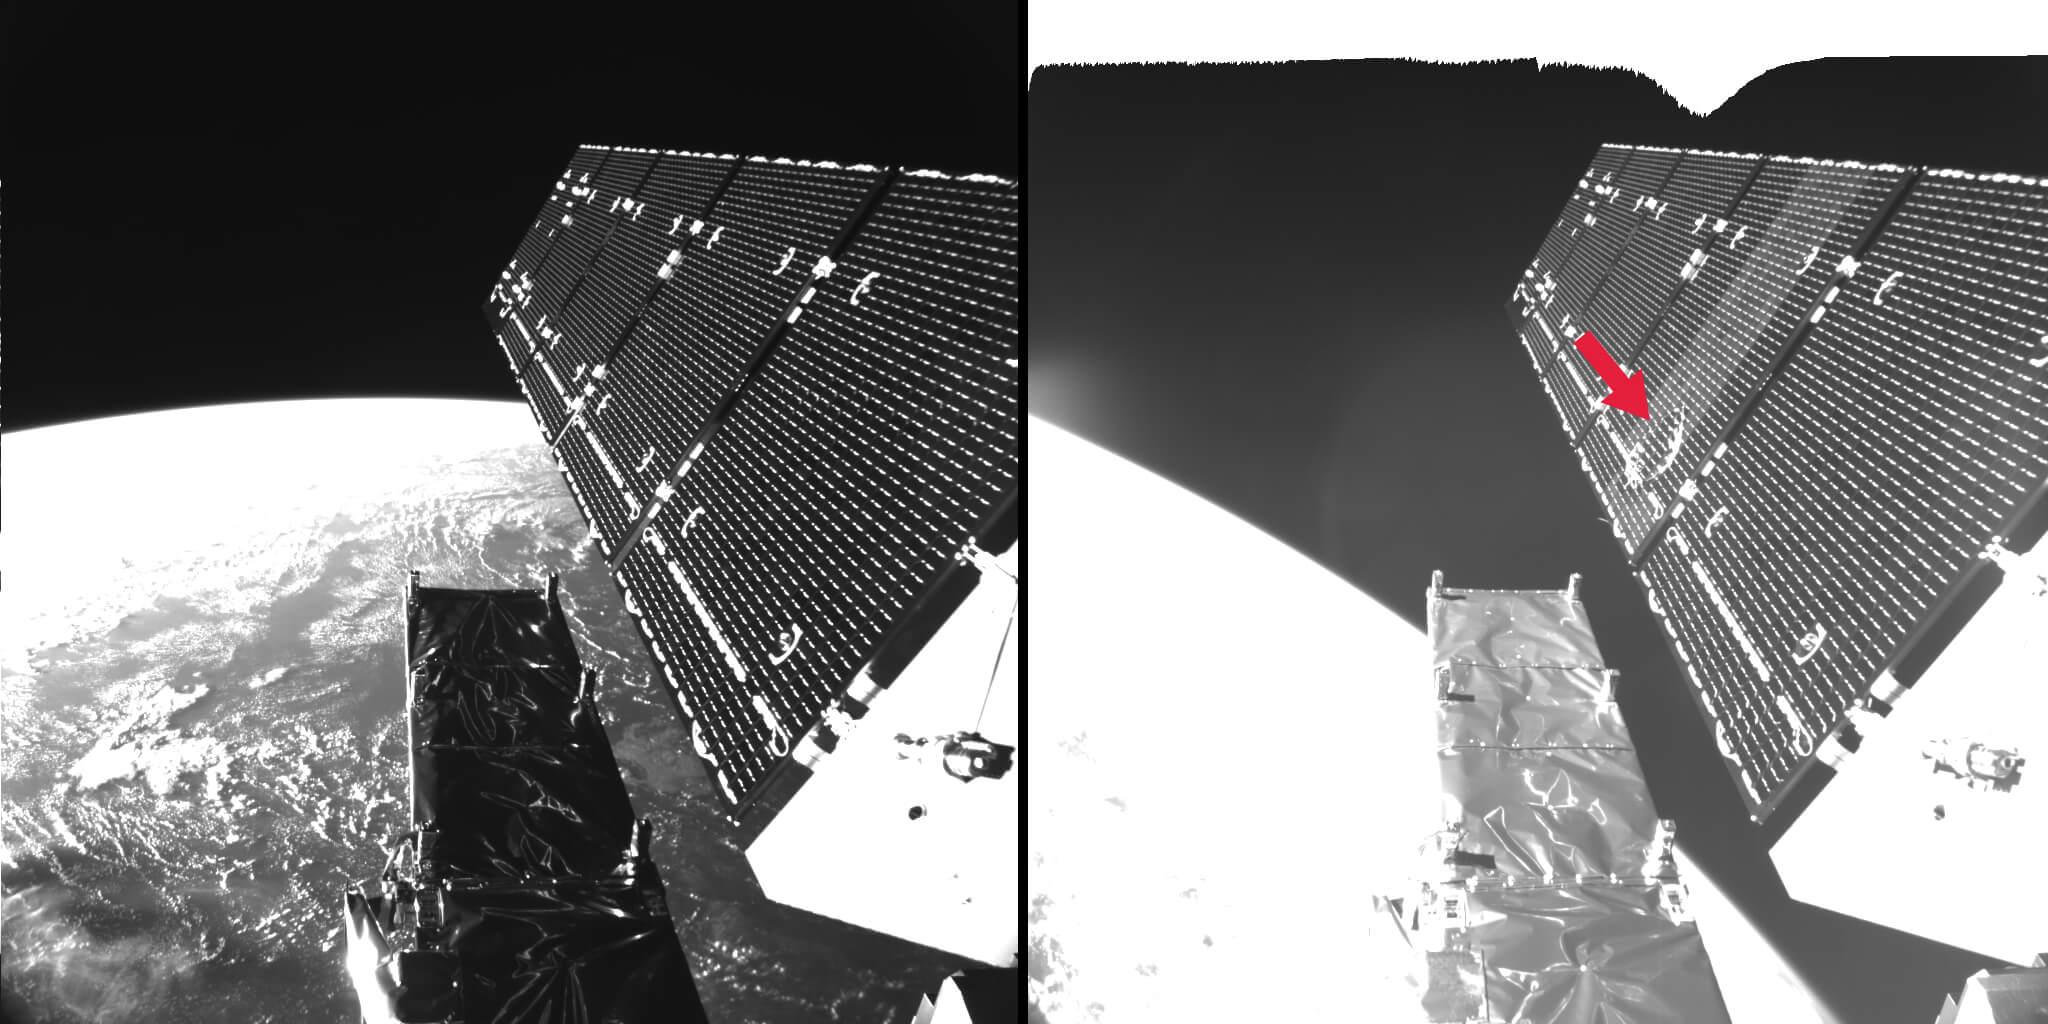 Der Solarflügel des Copernicus-Satelliten Sentinel-1A vor und nach dem Aufschlag eines etwa fünf millimetergroßen Space Debris-Teilchens